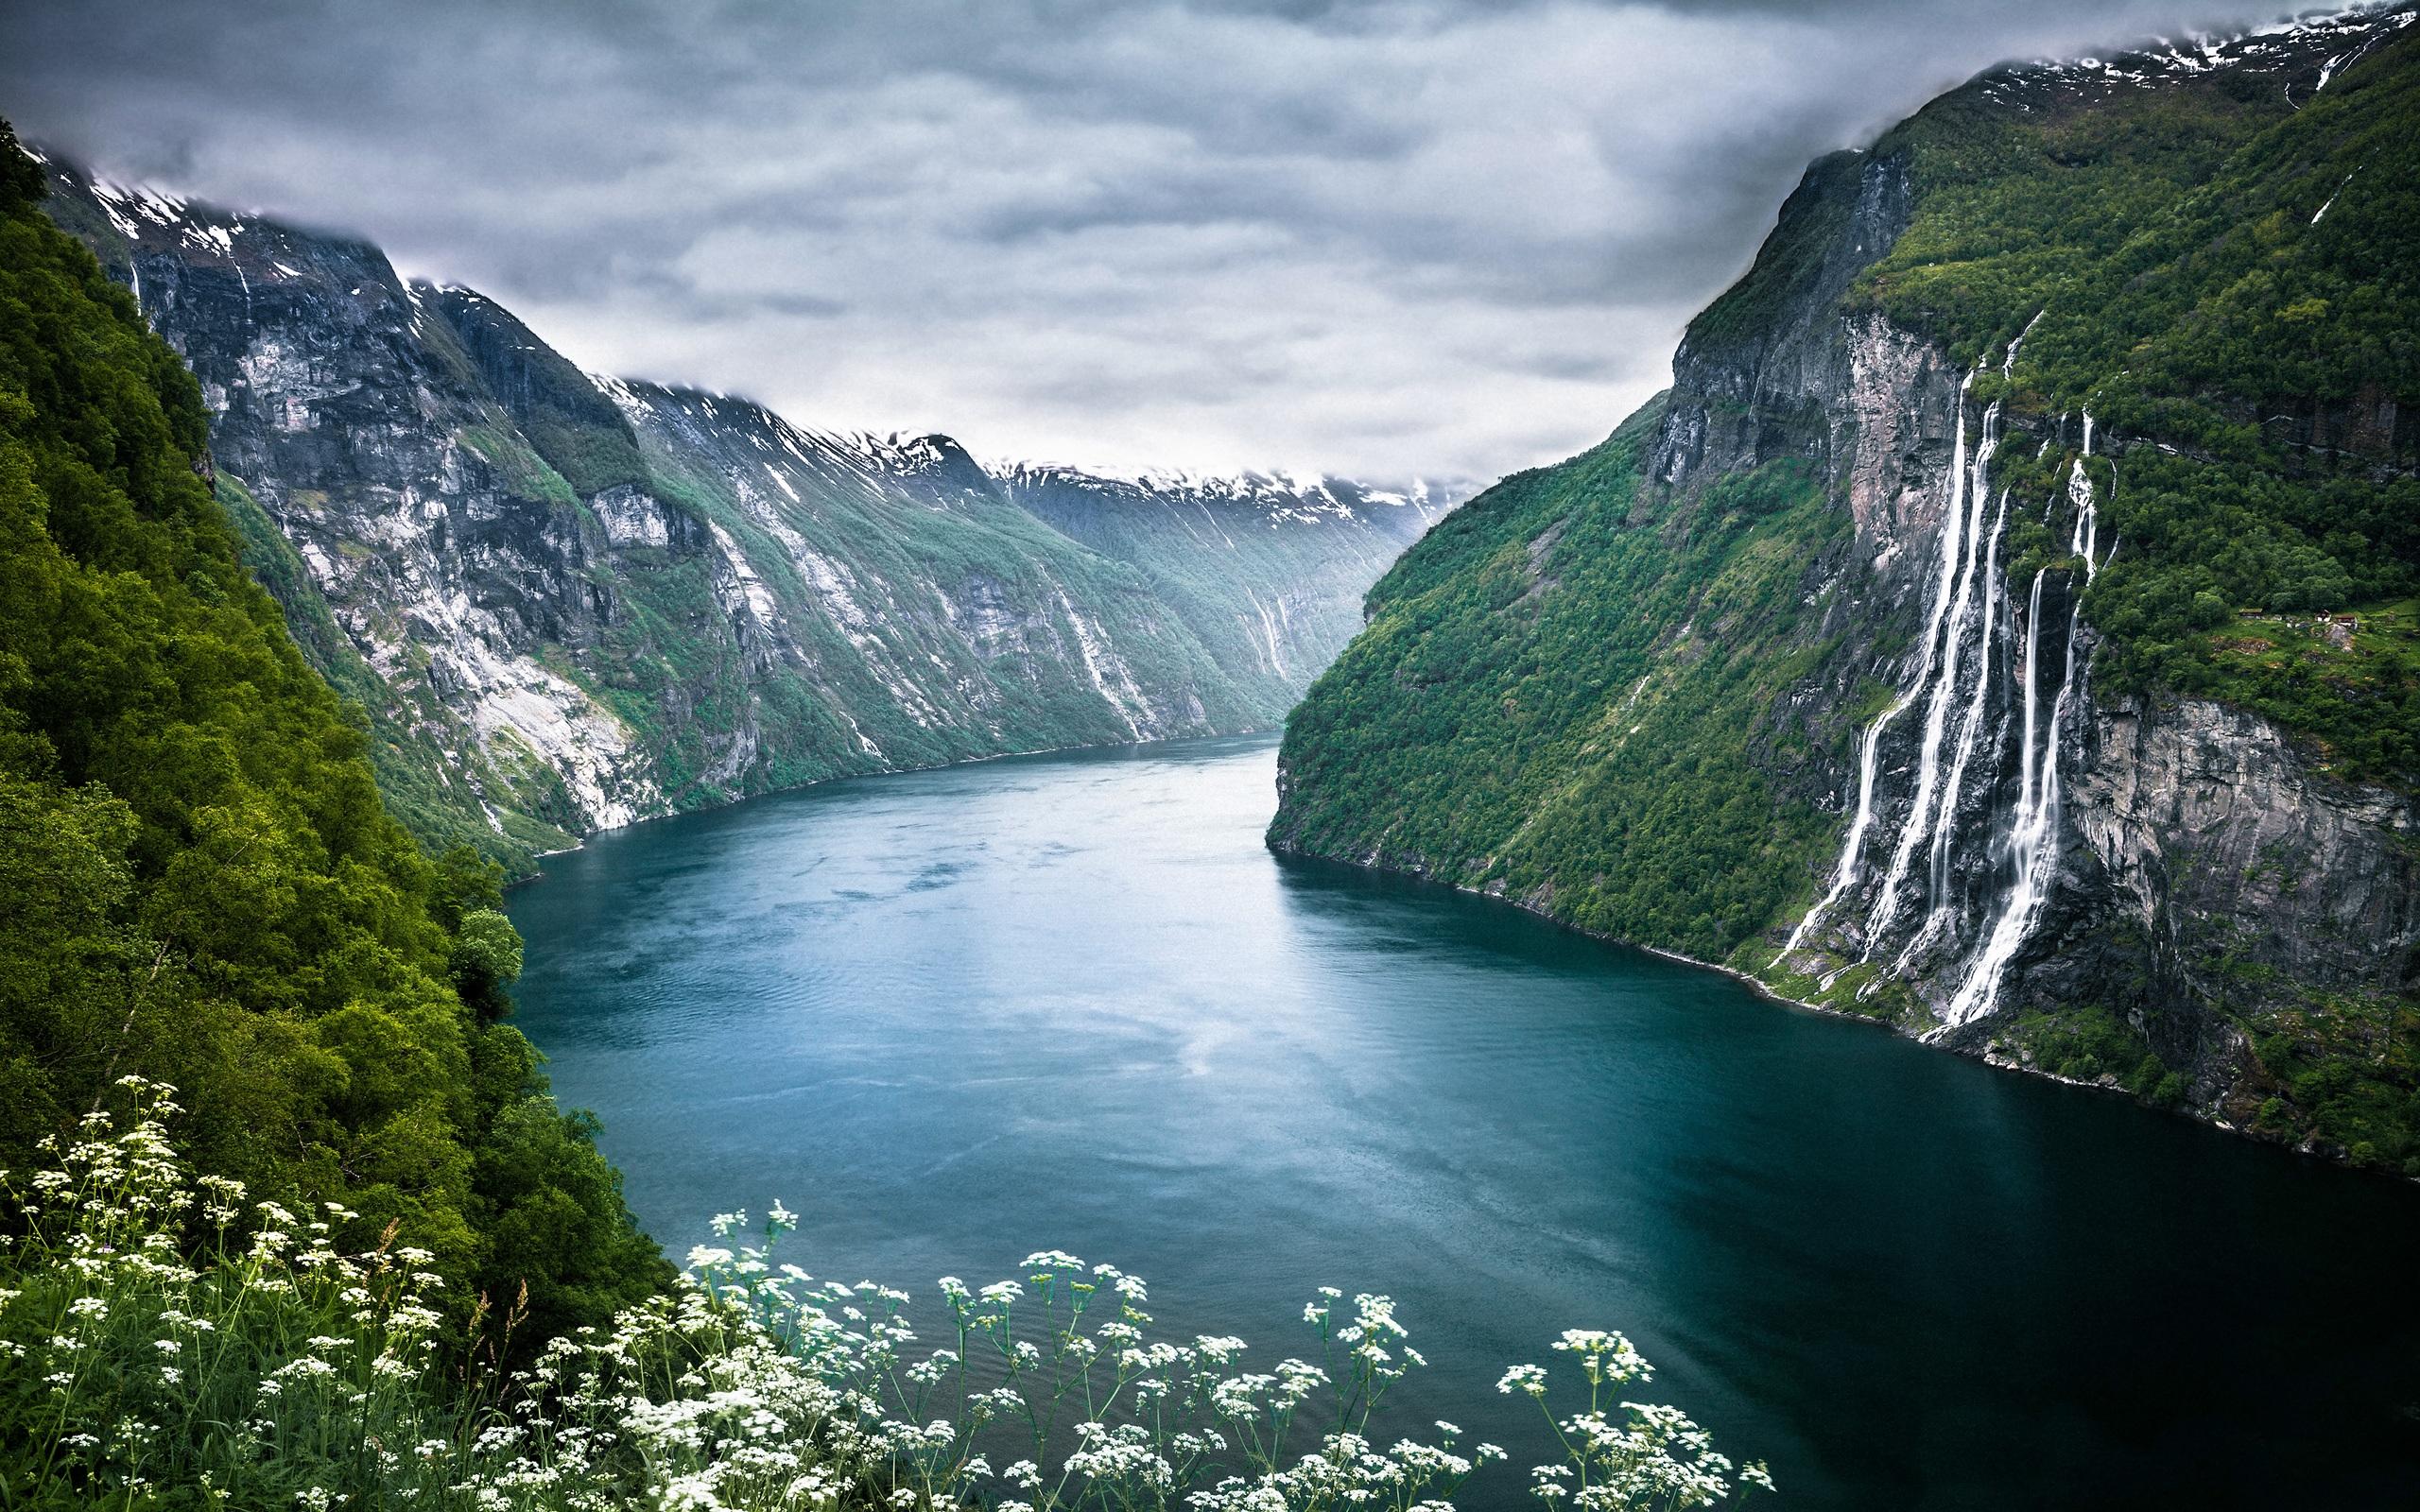 окончанием красивые места мира фото высокого качества трусики